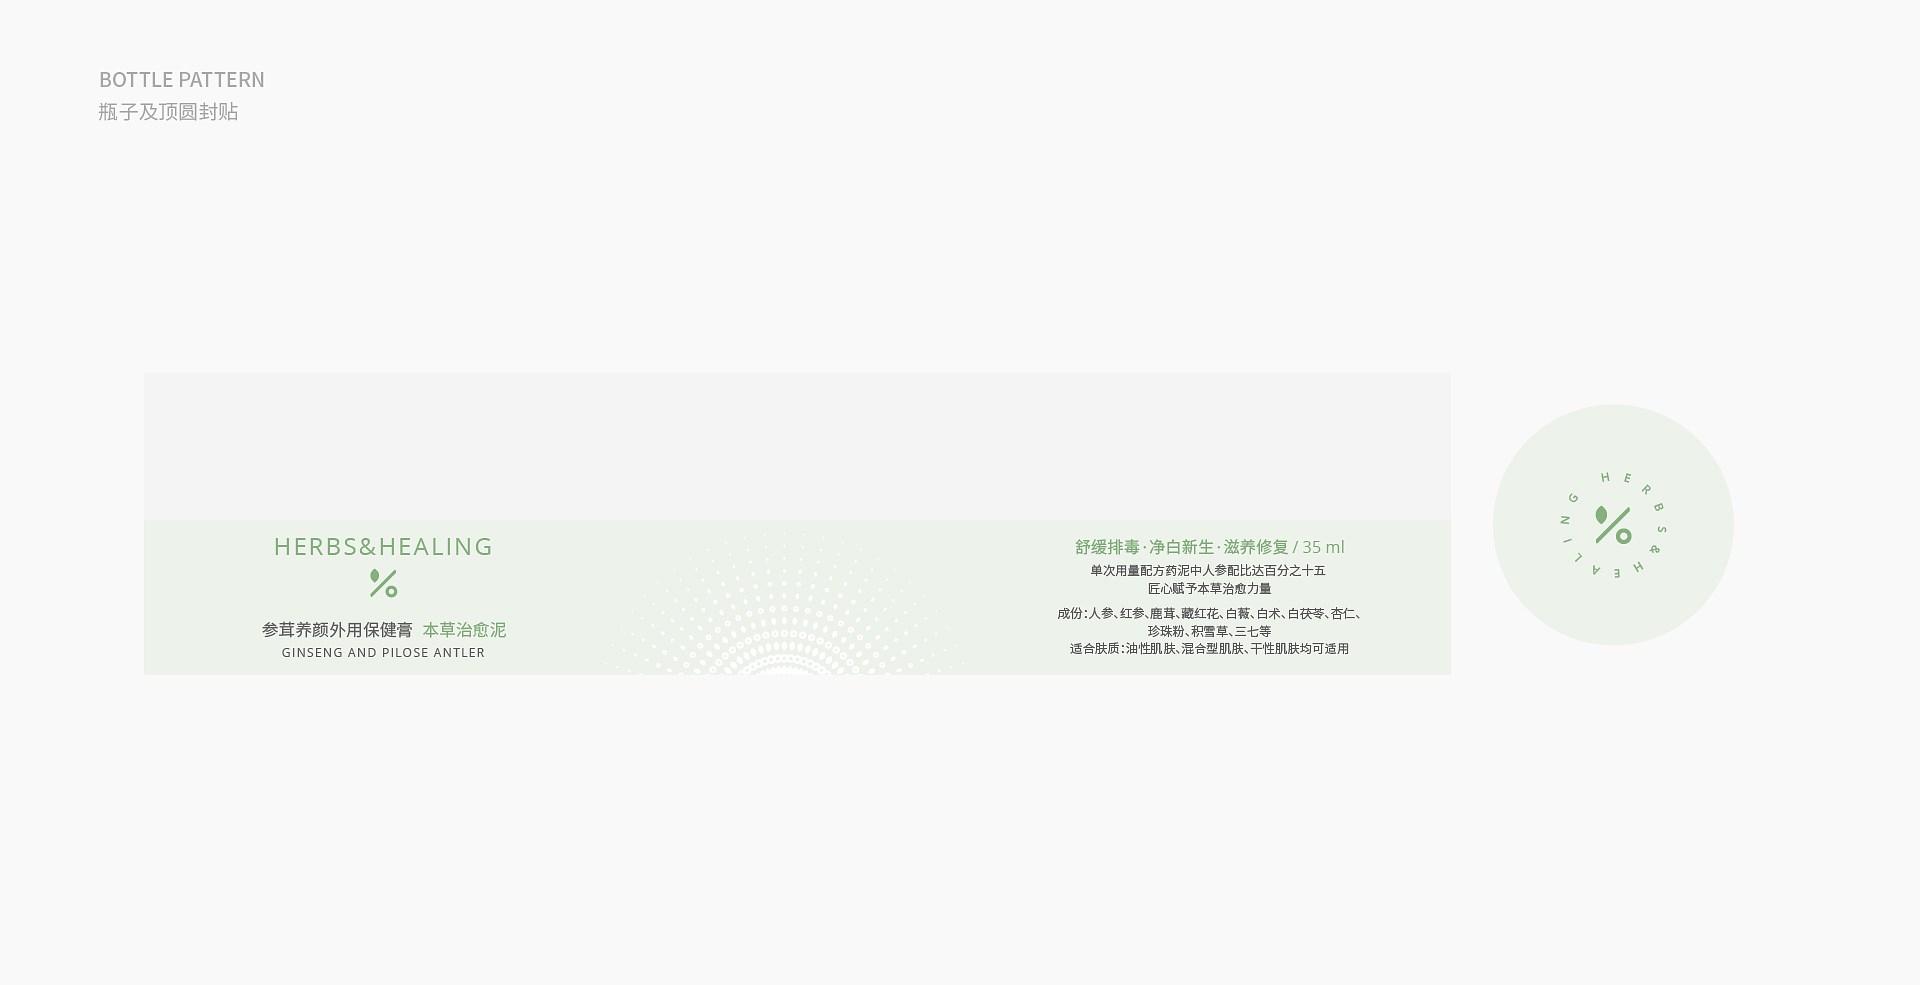 小养中药包装终稿-04.jpg